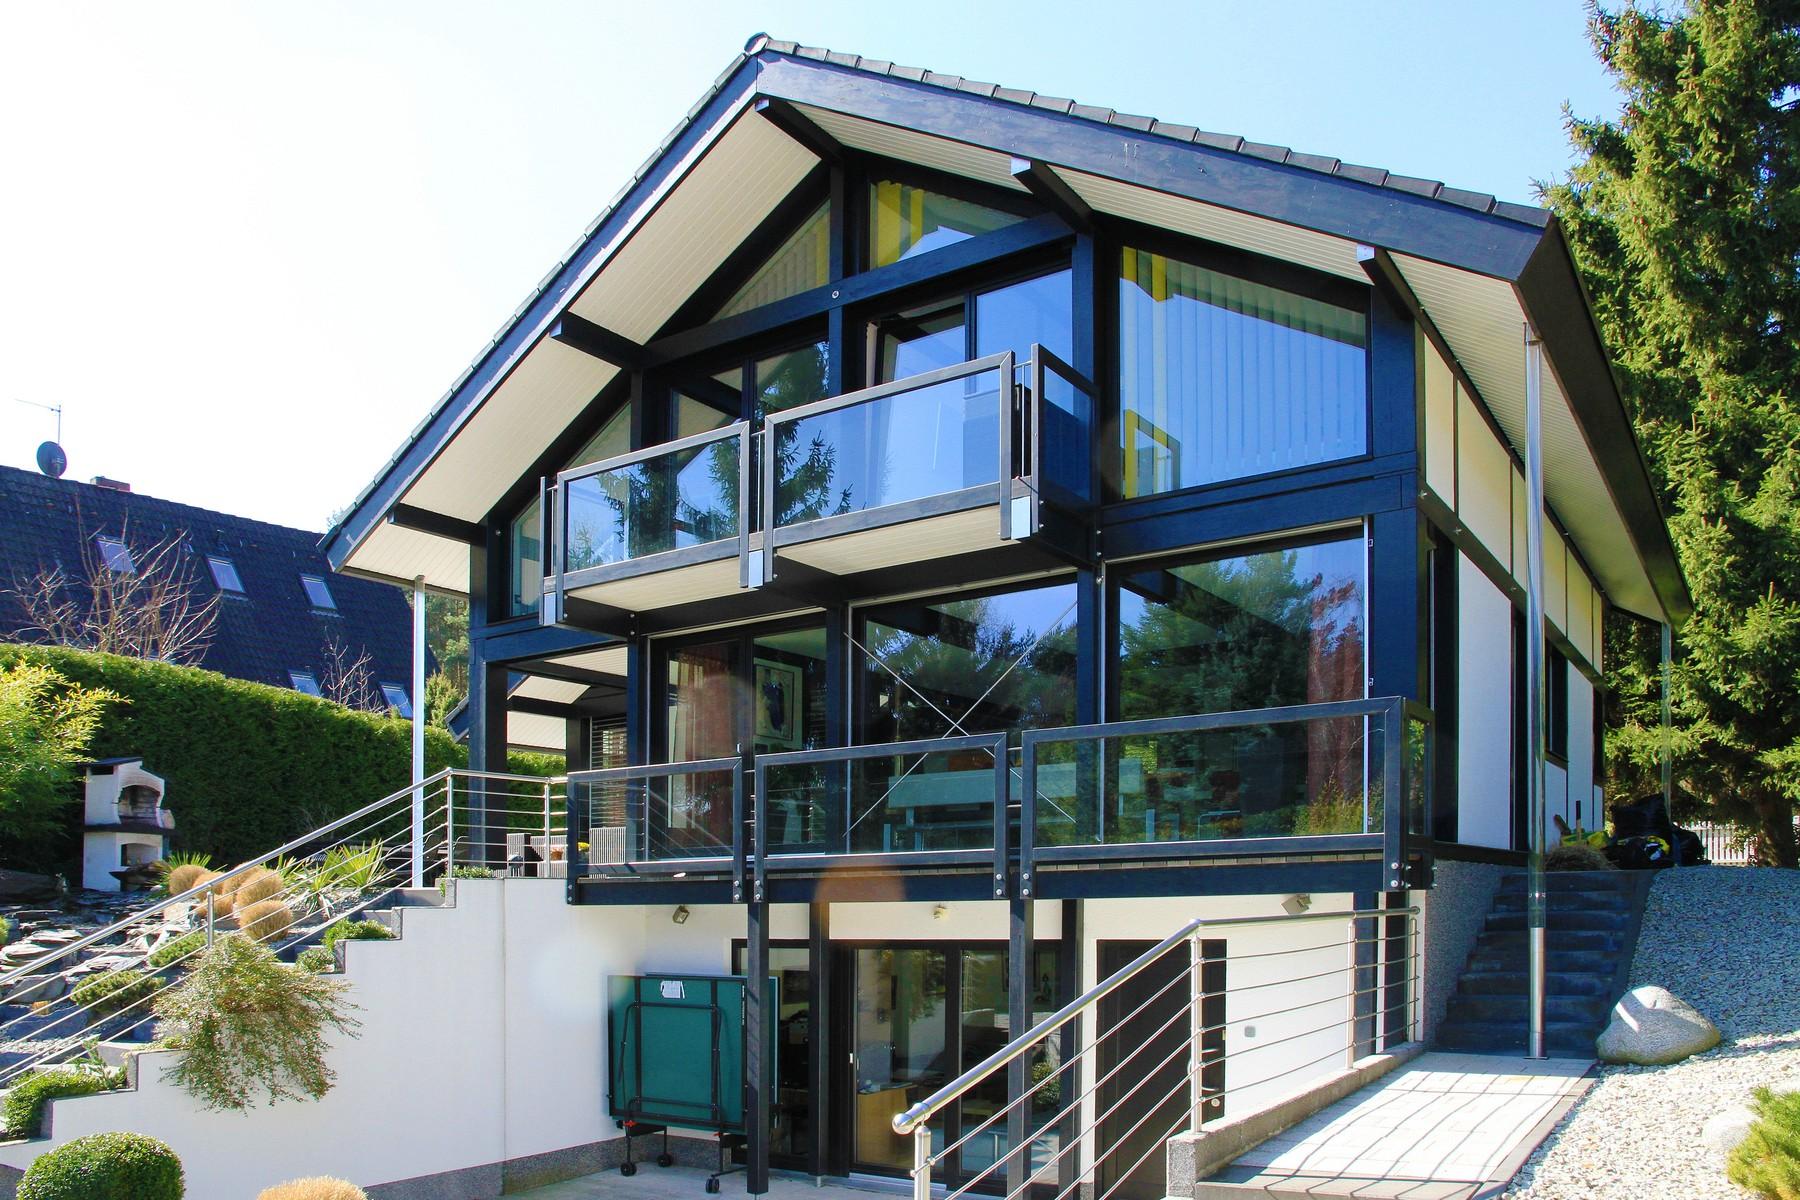 Fachwerkhaus dunkle konstruktion holz skelett haus for Holz fachwerkhaus